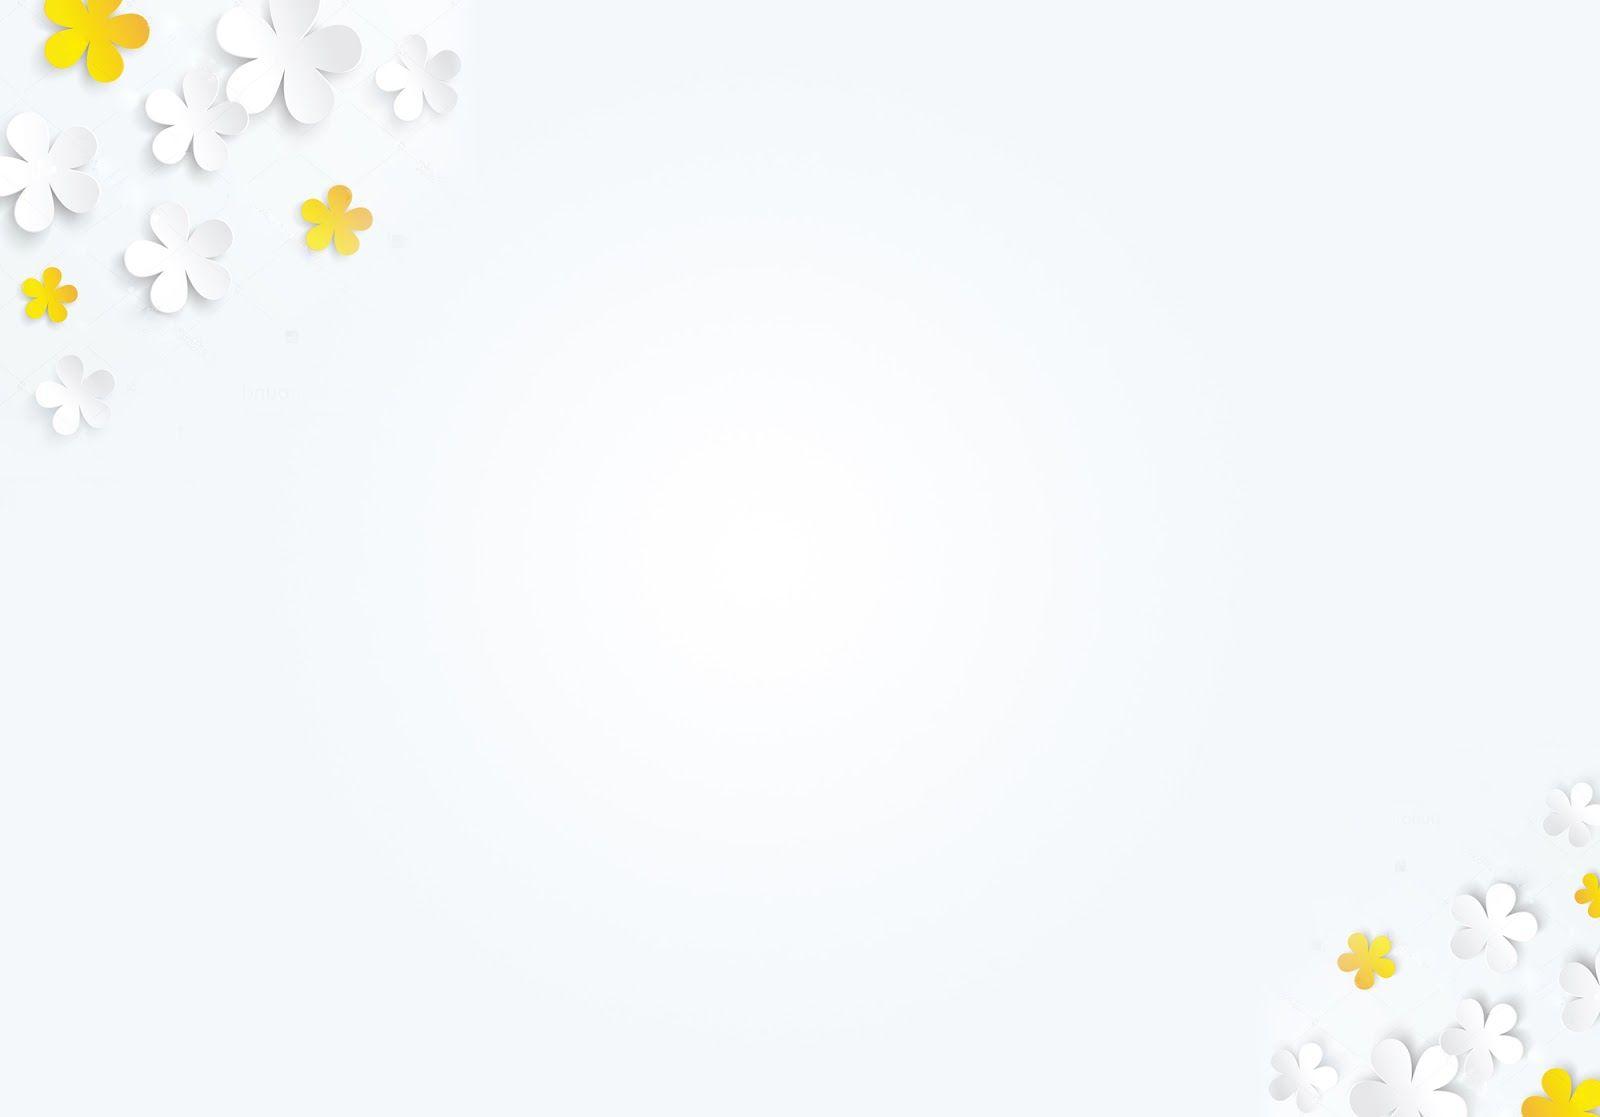 Hình nền PowerPoint với hình bông hoa đơn giản mà đẹp